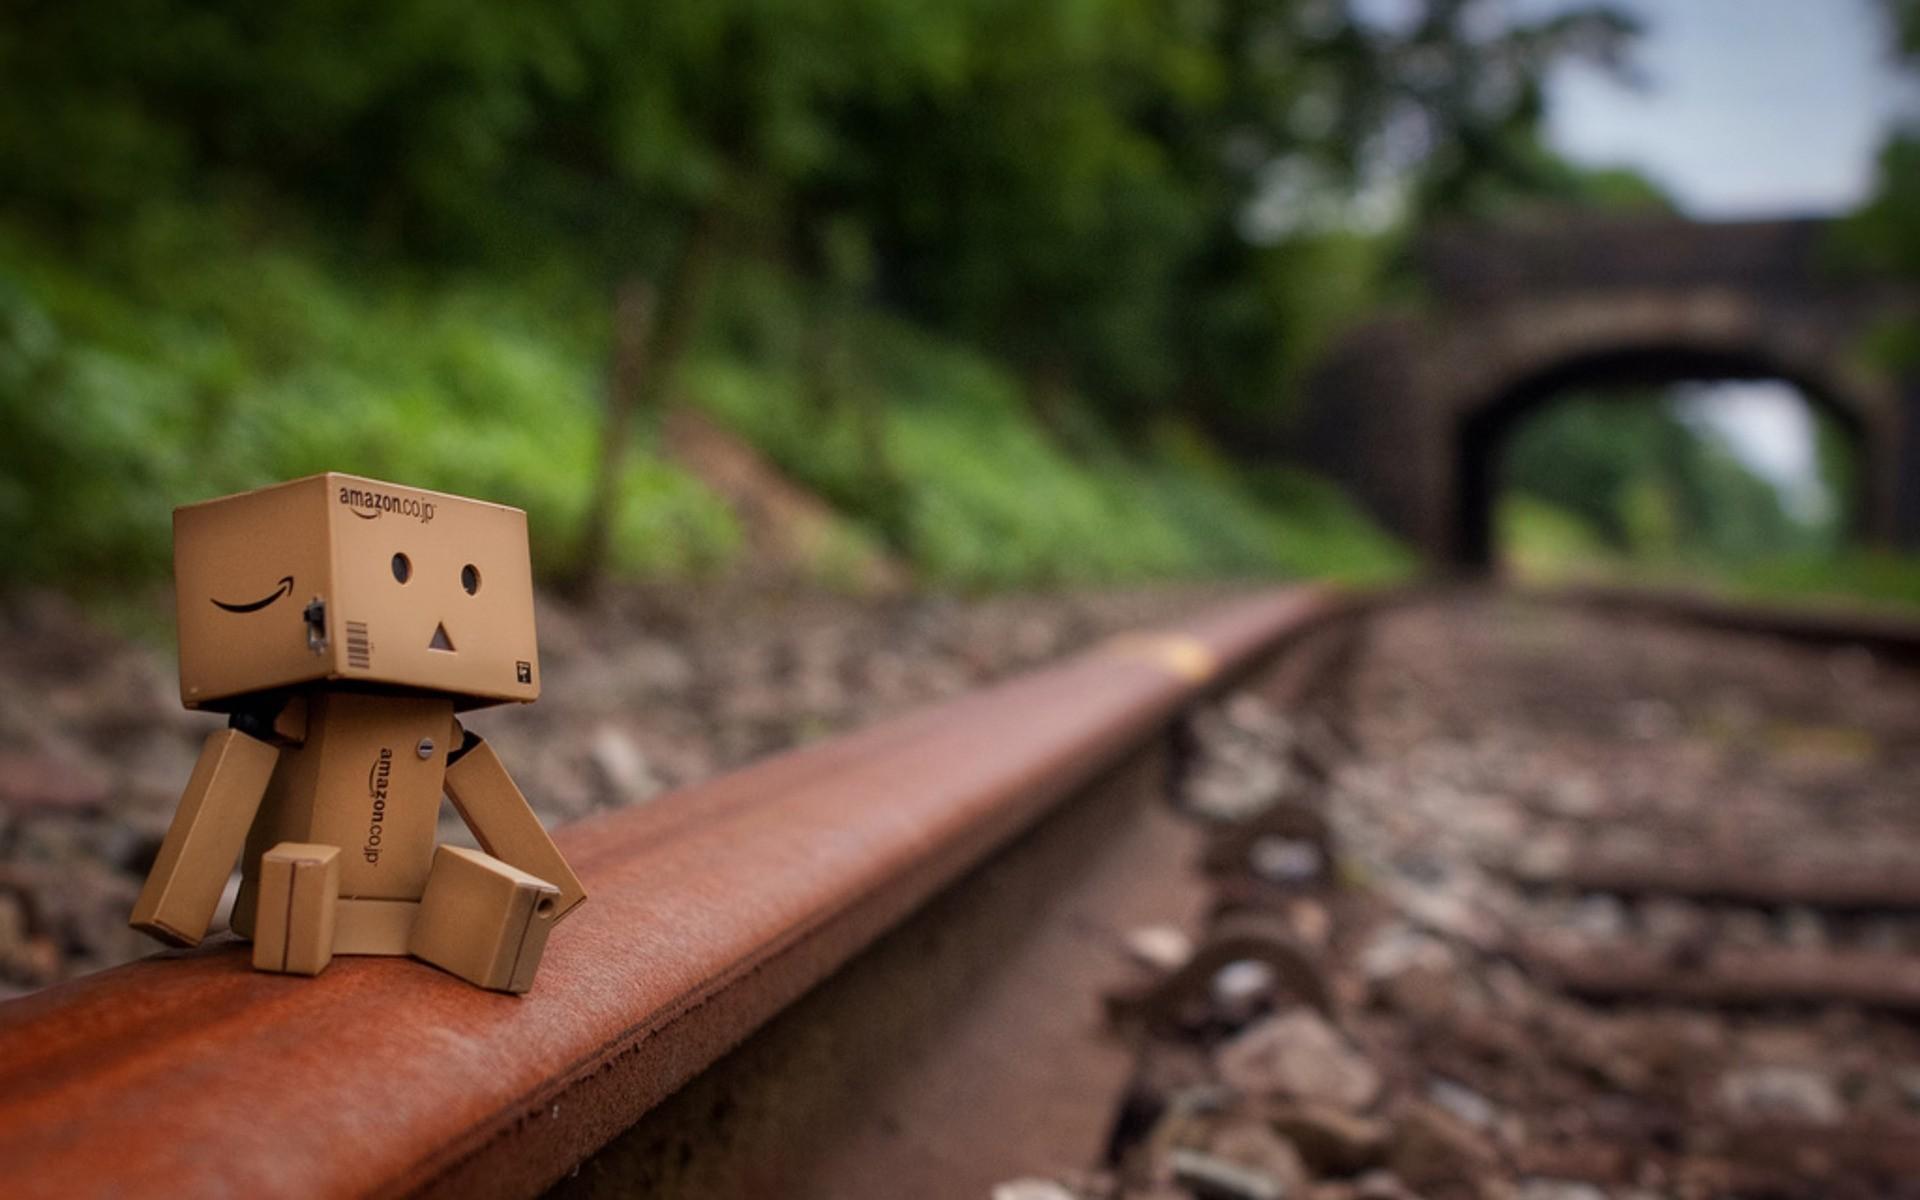 Fondos Vías de ferrocarril (Railroad Tracks) ADNFriki (8)